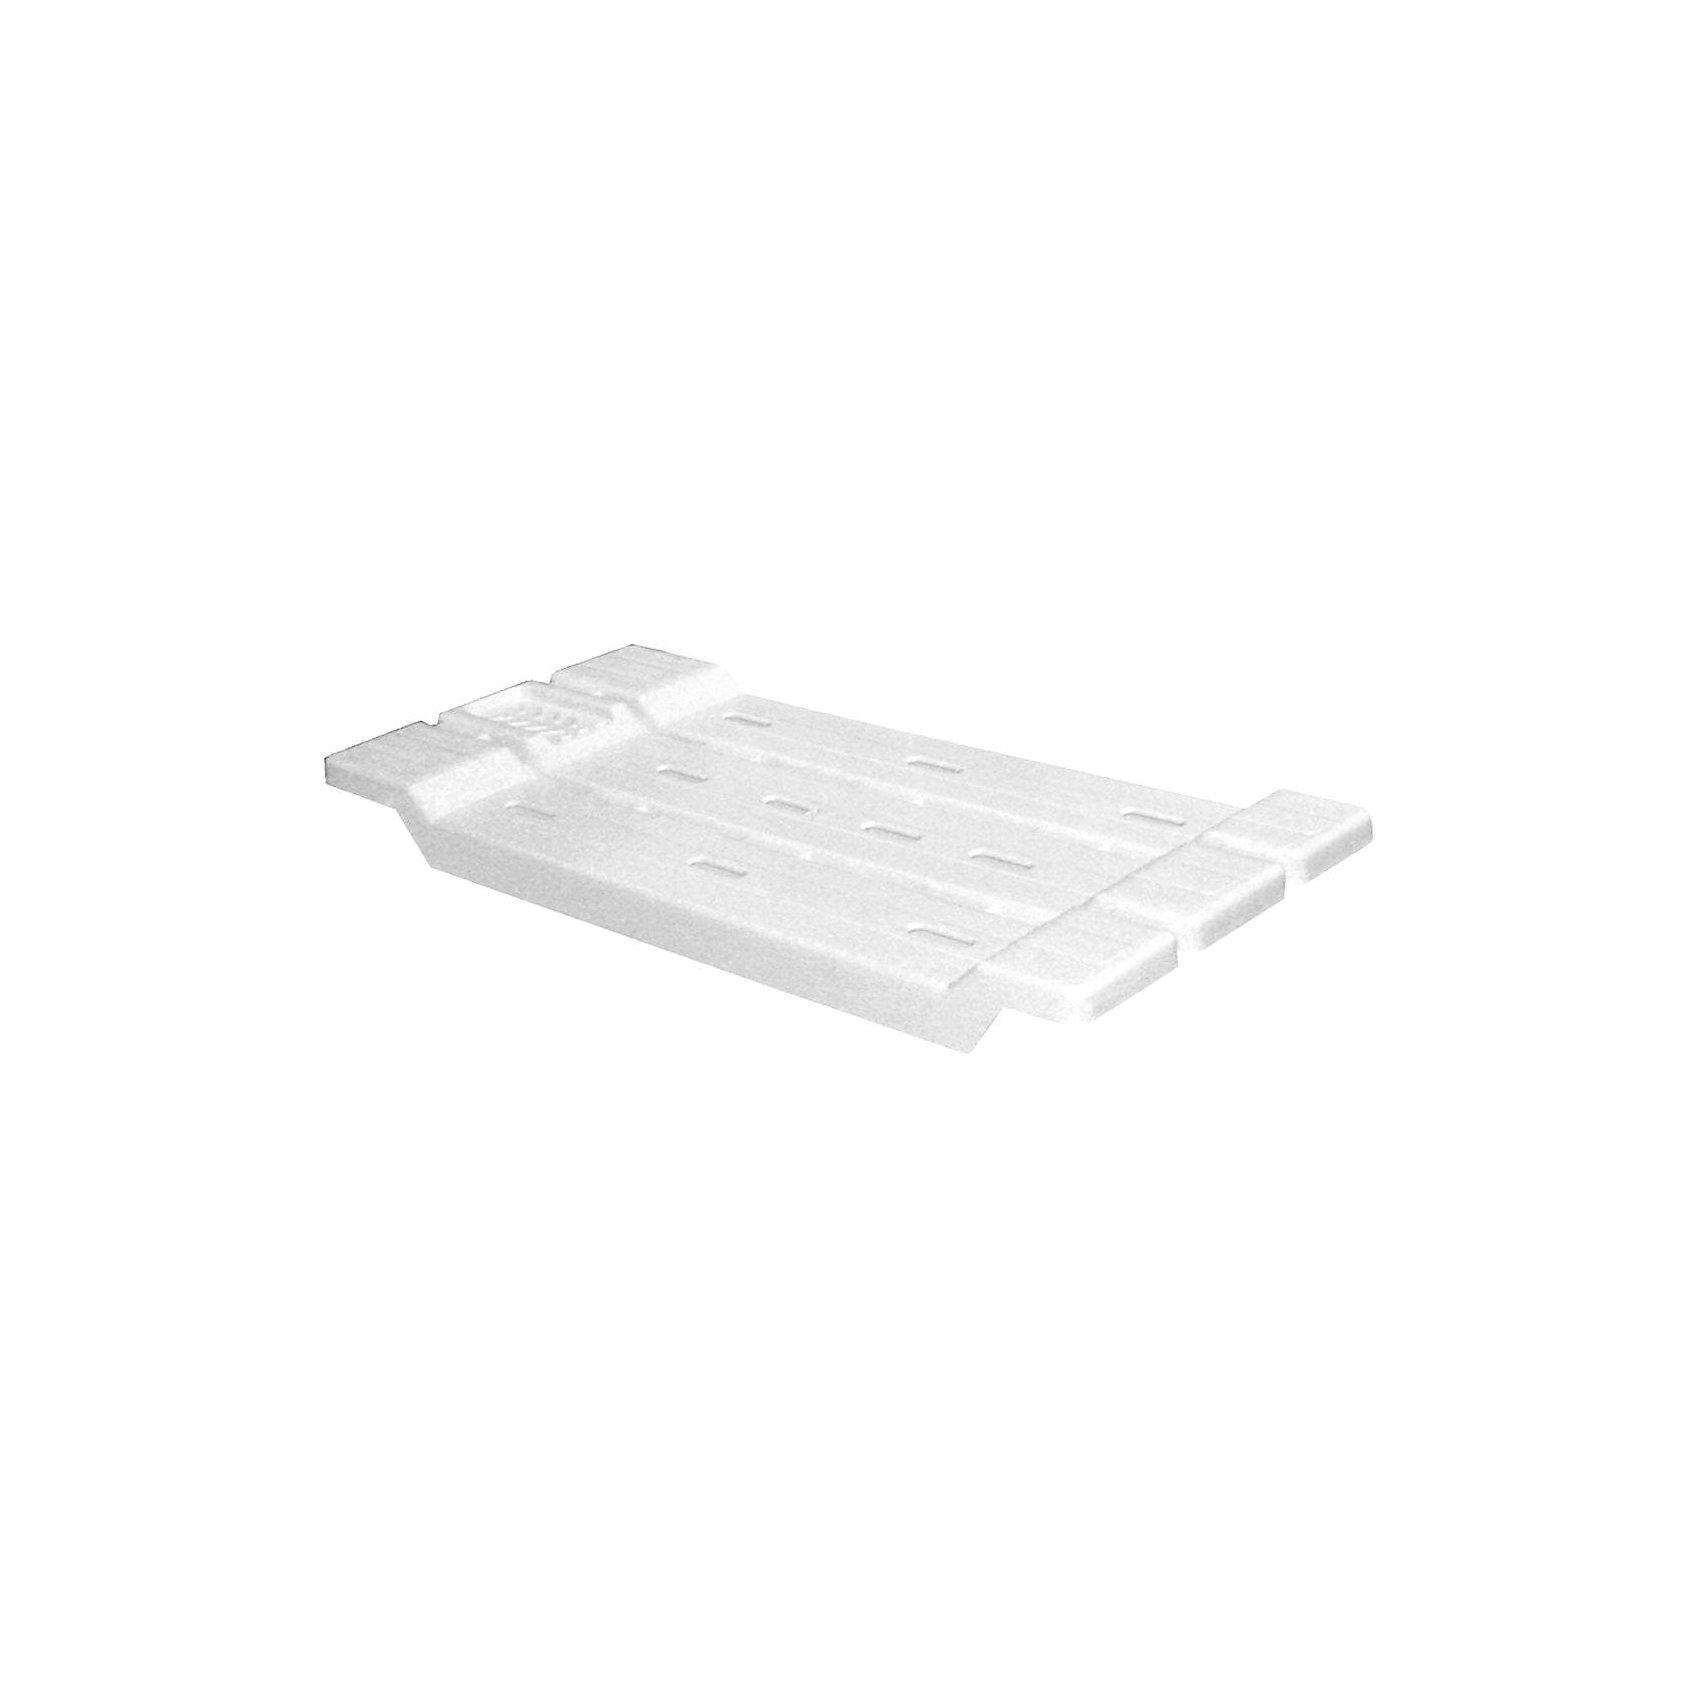 Полка для ванной (сиденье), Alternativa, белыйХарактеристики:<br><br>• Предназначение: для ванной<br>• Материал: пластик<br>• Цвет: белый<br>• Размер (Д*Ш*В): 68*31*4 см<br>• Вес: 400 г<br>• Форма: прямоугольный<br>• Особенности ухода: разрешается мыть теплой водой<br><br>Полка для ванной (сиденье), Alternativa, белый изготовлена отечественным производителем ООО ЗПИ Альтернатива, который специализируется на выпуске широкого спектра изделий из пластика. Изделие выполнено из безопасного и прочного пластика, устойчивого к механическим повреждениям. Полка выполнена в форме сидения, подходит для ванных стандартного размера. На поверхности изделия предусмотрена выемка для мыла. Полка для ванной (сиденье), Alternativa, белый может быть импользована в качестве сидения во время ежедневных водных процедурах и в качестве полки-подставки для моющих средств. <br><br>Полку для ванной (сиденье), Alternativa, белую можно купить в нашем интернет-магазине.<br><br>Ширина мм: 680<br>Глубина мм: 310<br>Высота мм: 40<br>Вес г: 955<br>Возраст от месяцев: 6<br>Возраст до месяцев: 588<br>Пол: Унисекс<br>Возраст: Детский<br>SKU: 5096669